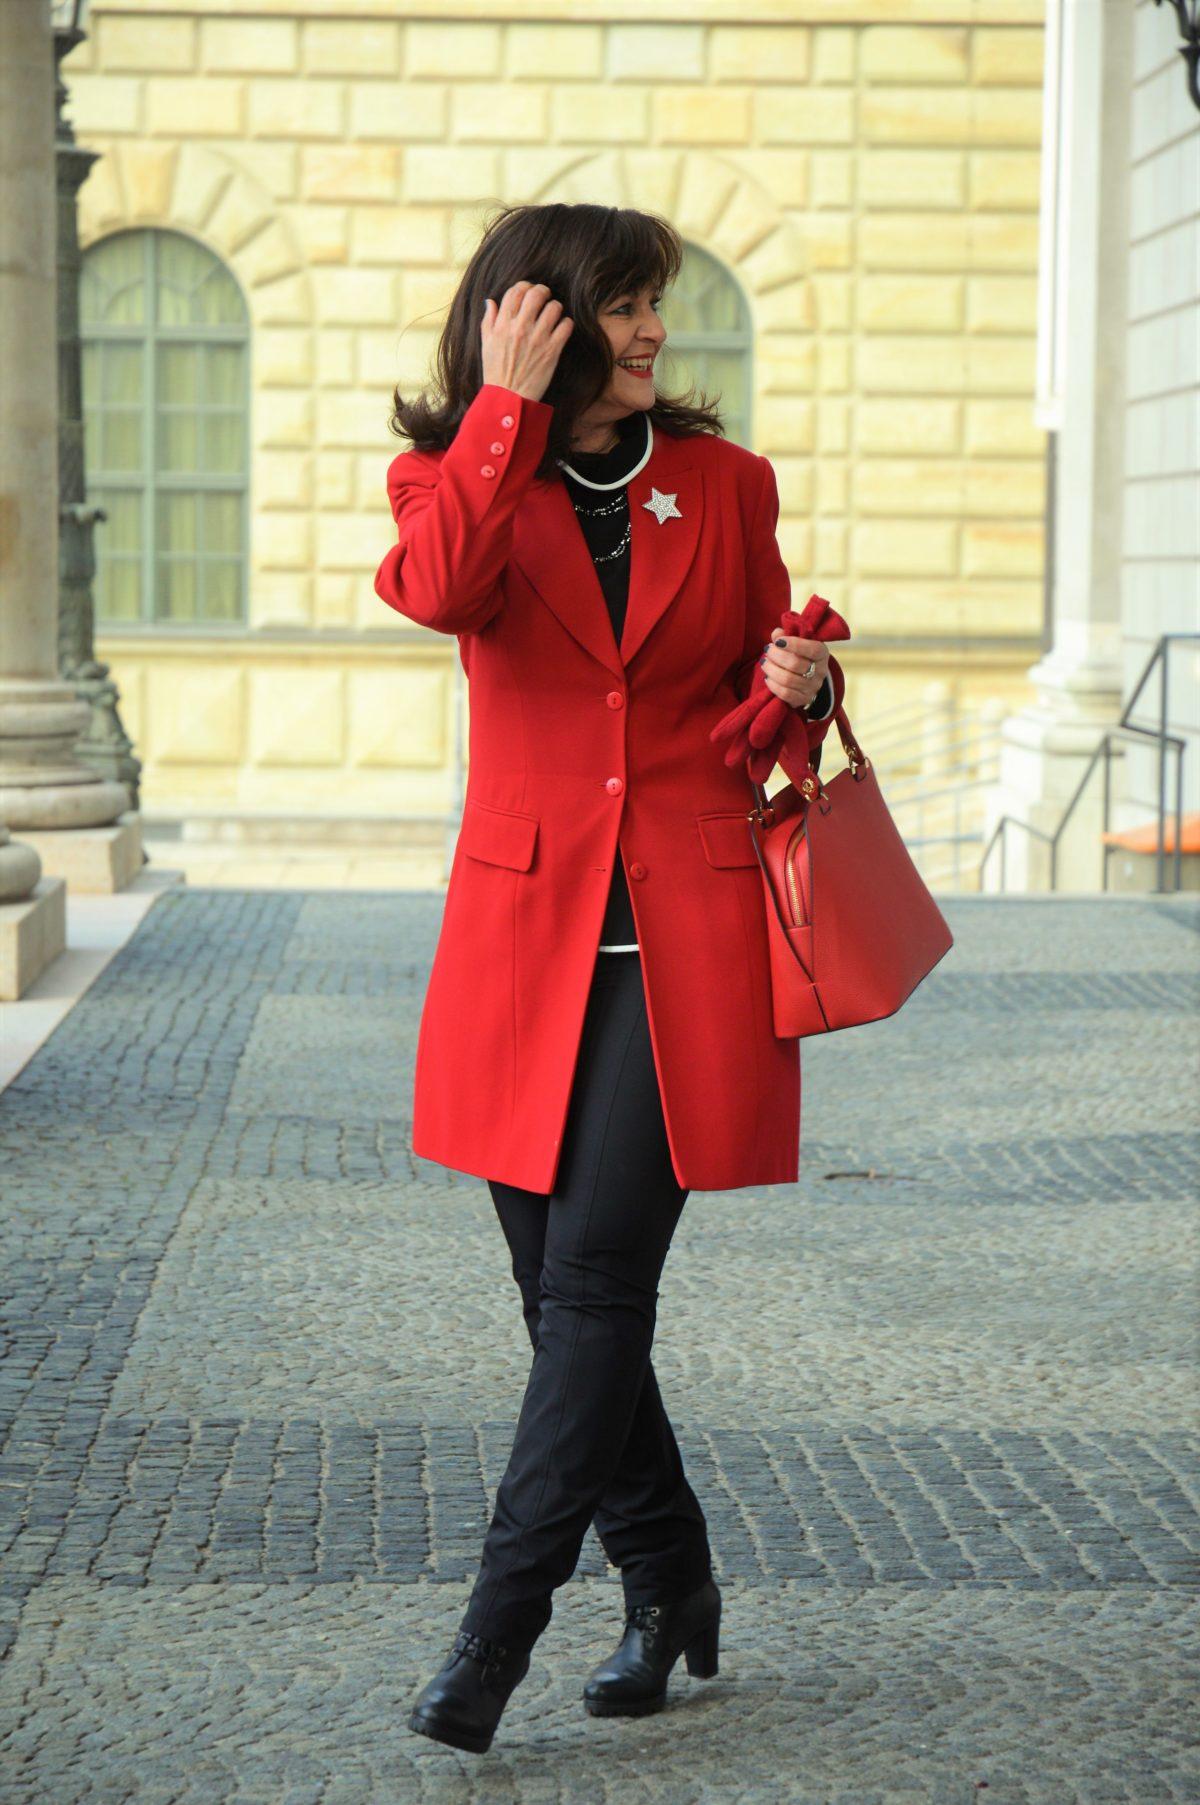 Roter Gehrock mit schwarzer Hose